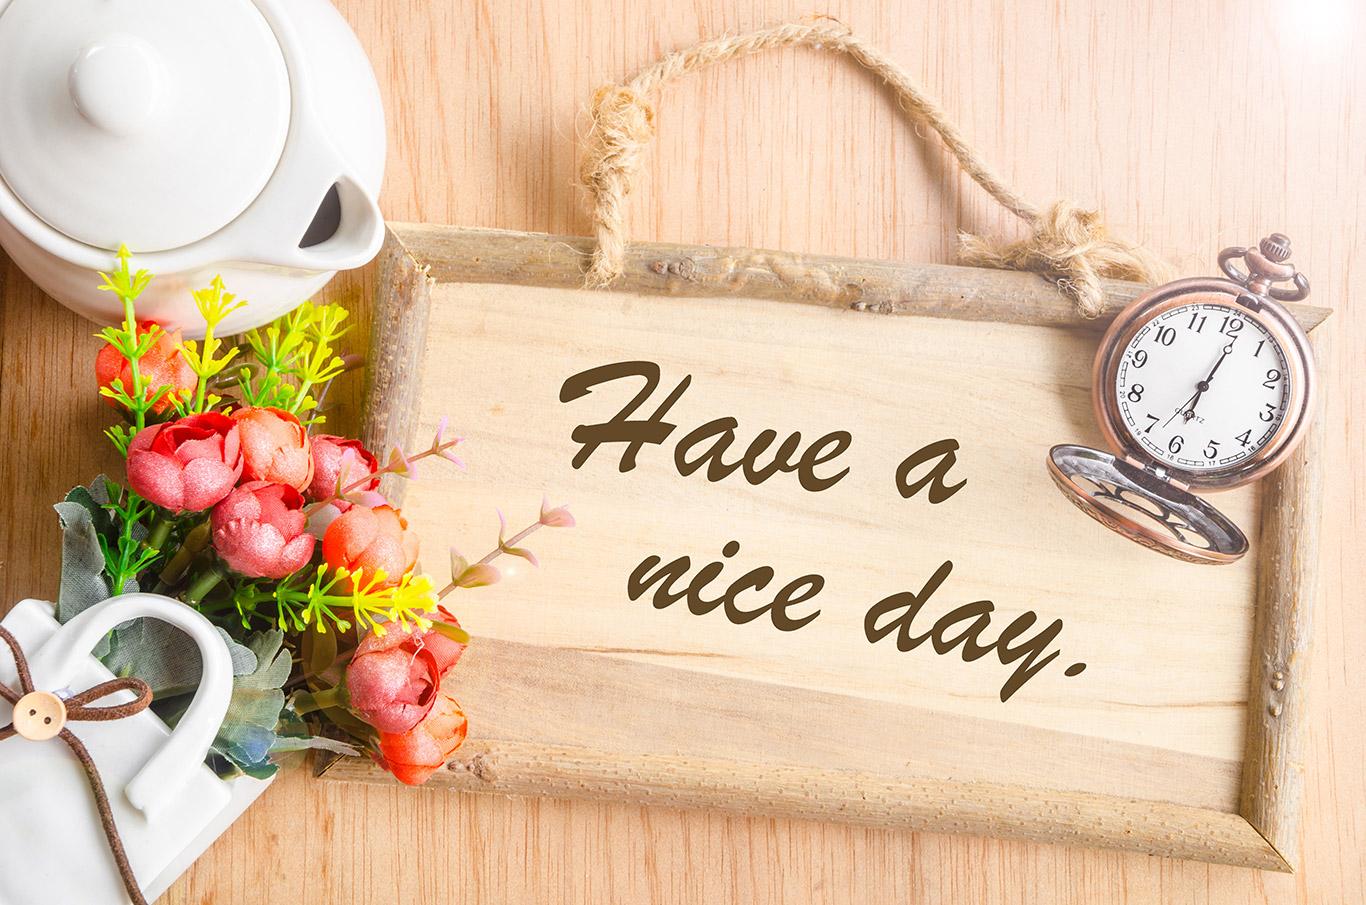 မနက်ခင်းနဲ့အစပြုပါ။/朝から始める